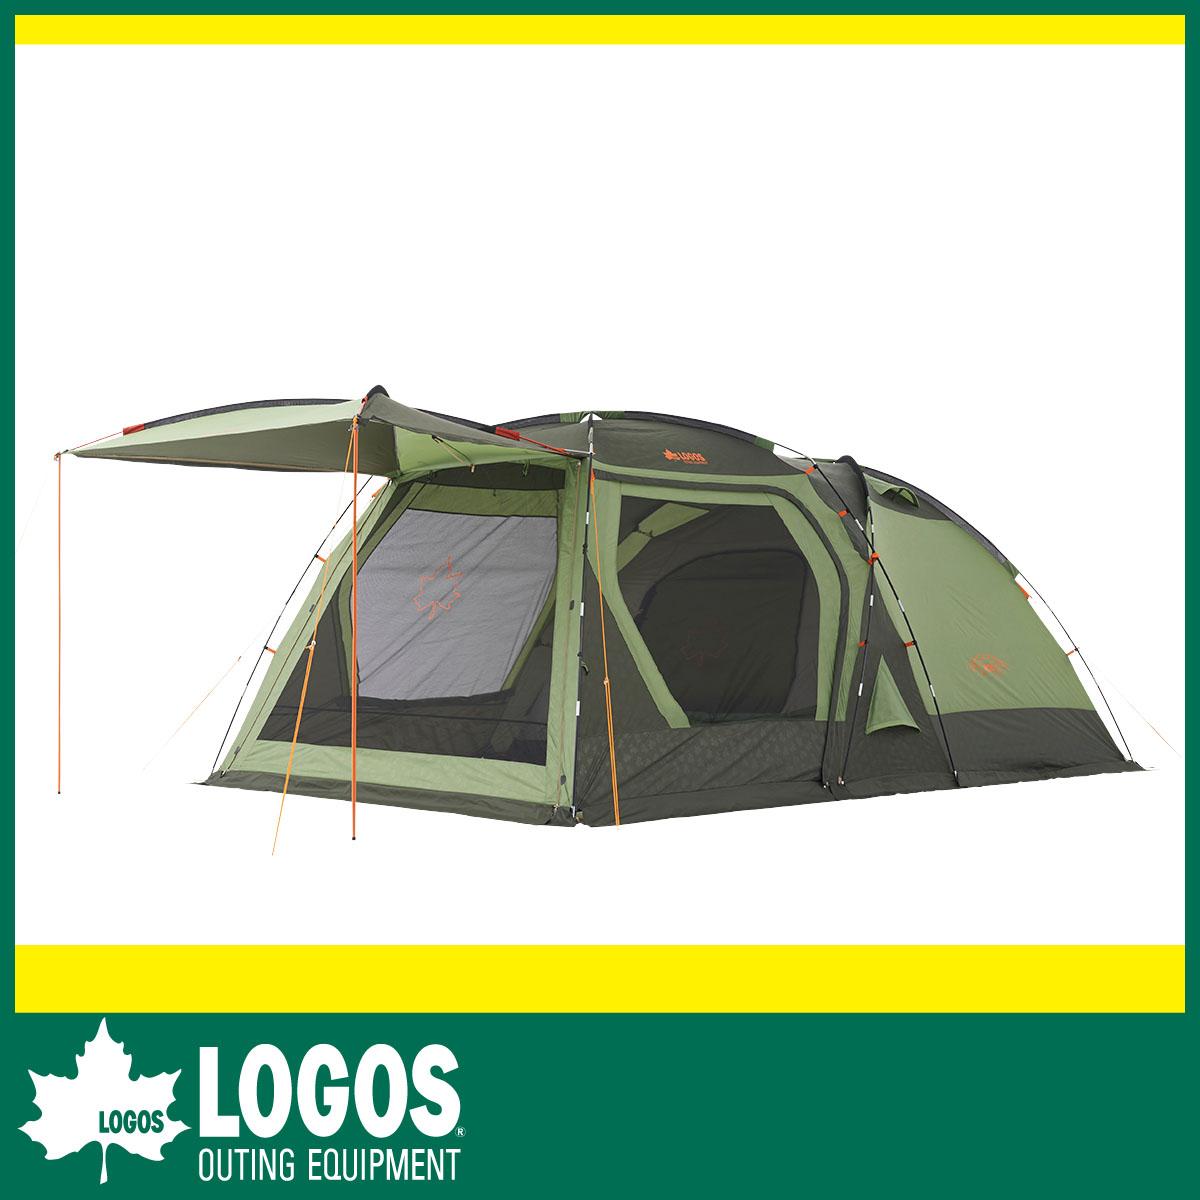 【LOGOS ロゴス】キャノピーの進化形 強度と居住性に優れたPANELシステムを採用 ・neos PANELスクリーンドゥーブル XL(テント)